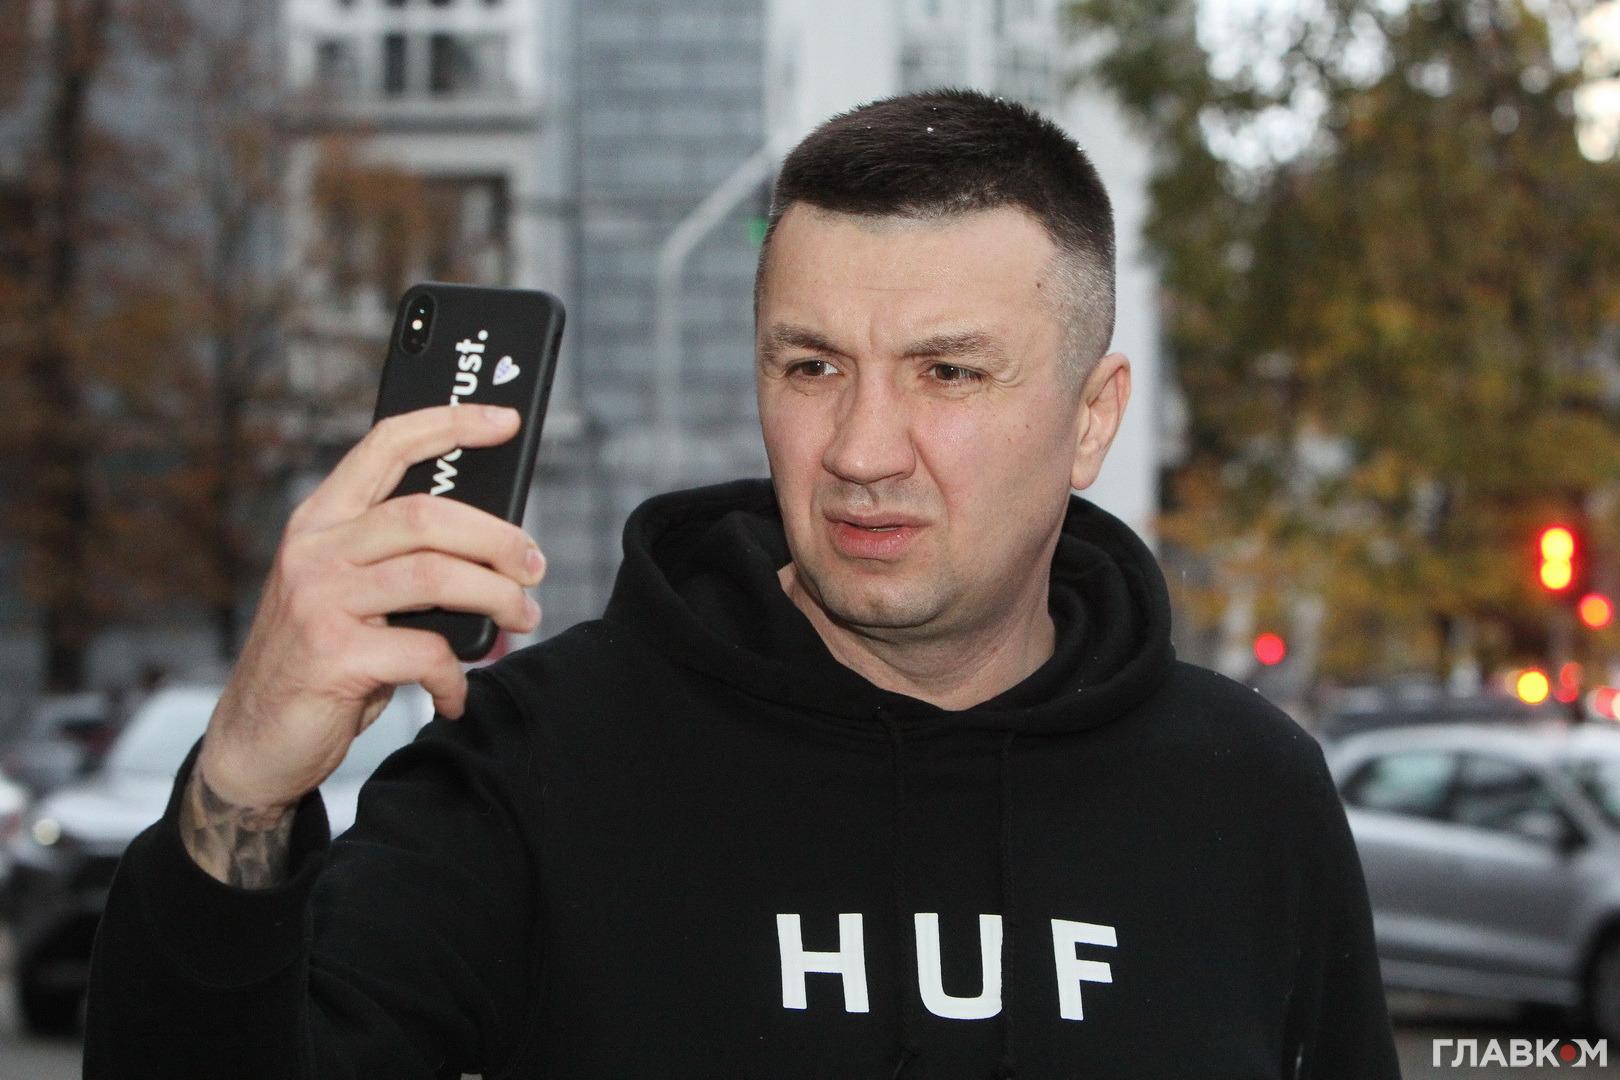 Під час інтерв'ю почав падати перший сніг і Сергій поспішив зробити фото